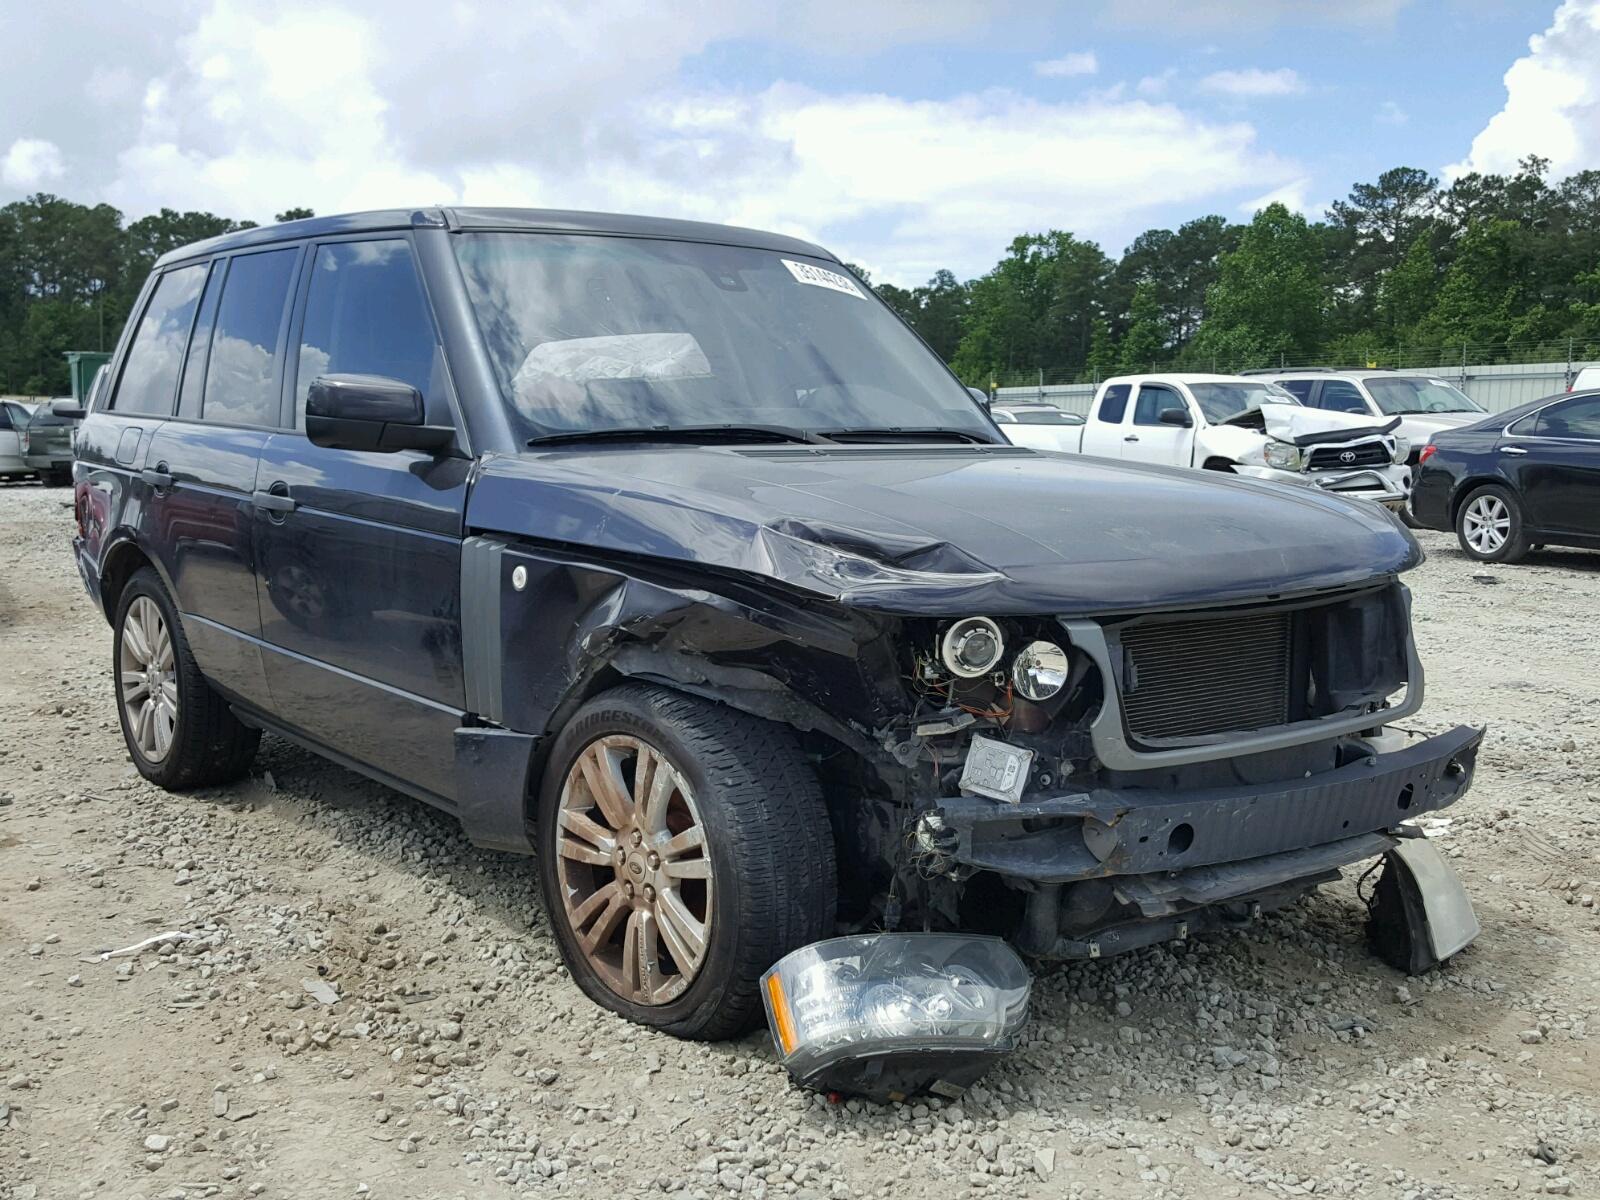 2010 Land Rover Range Rover for sale at Copart Ellenwood GA Lot